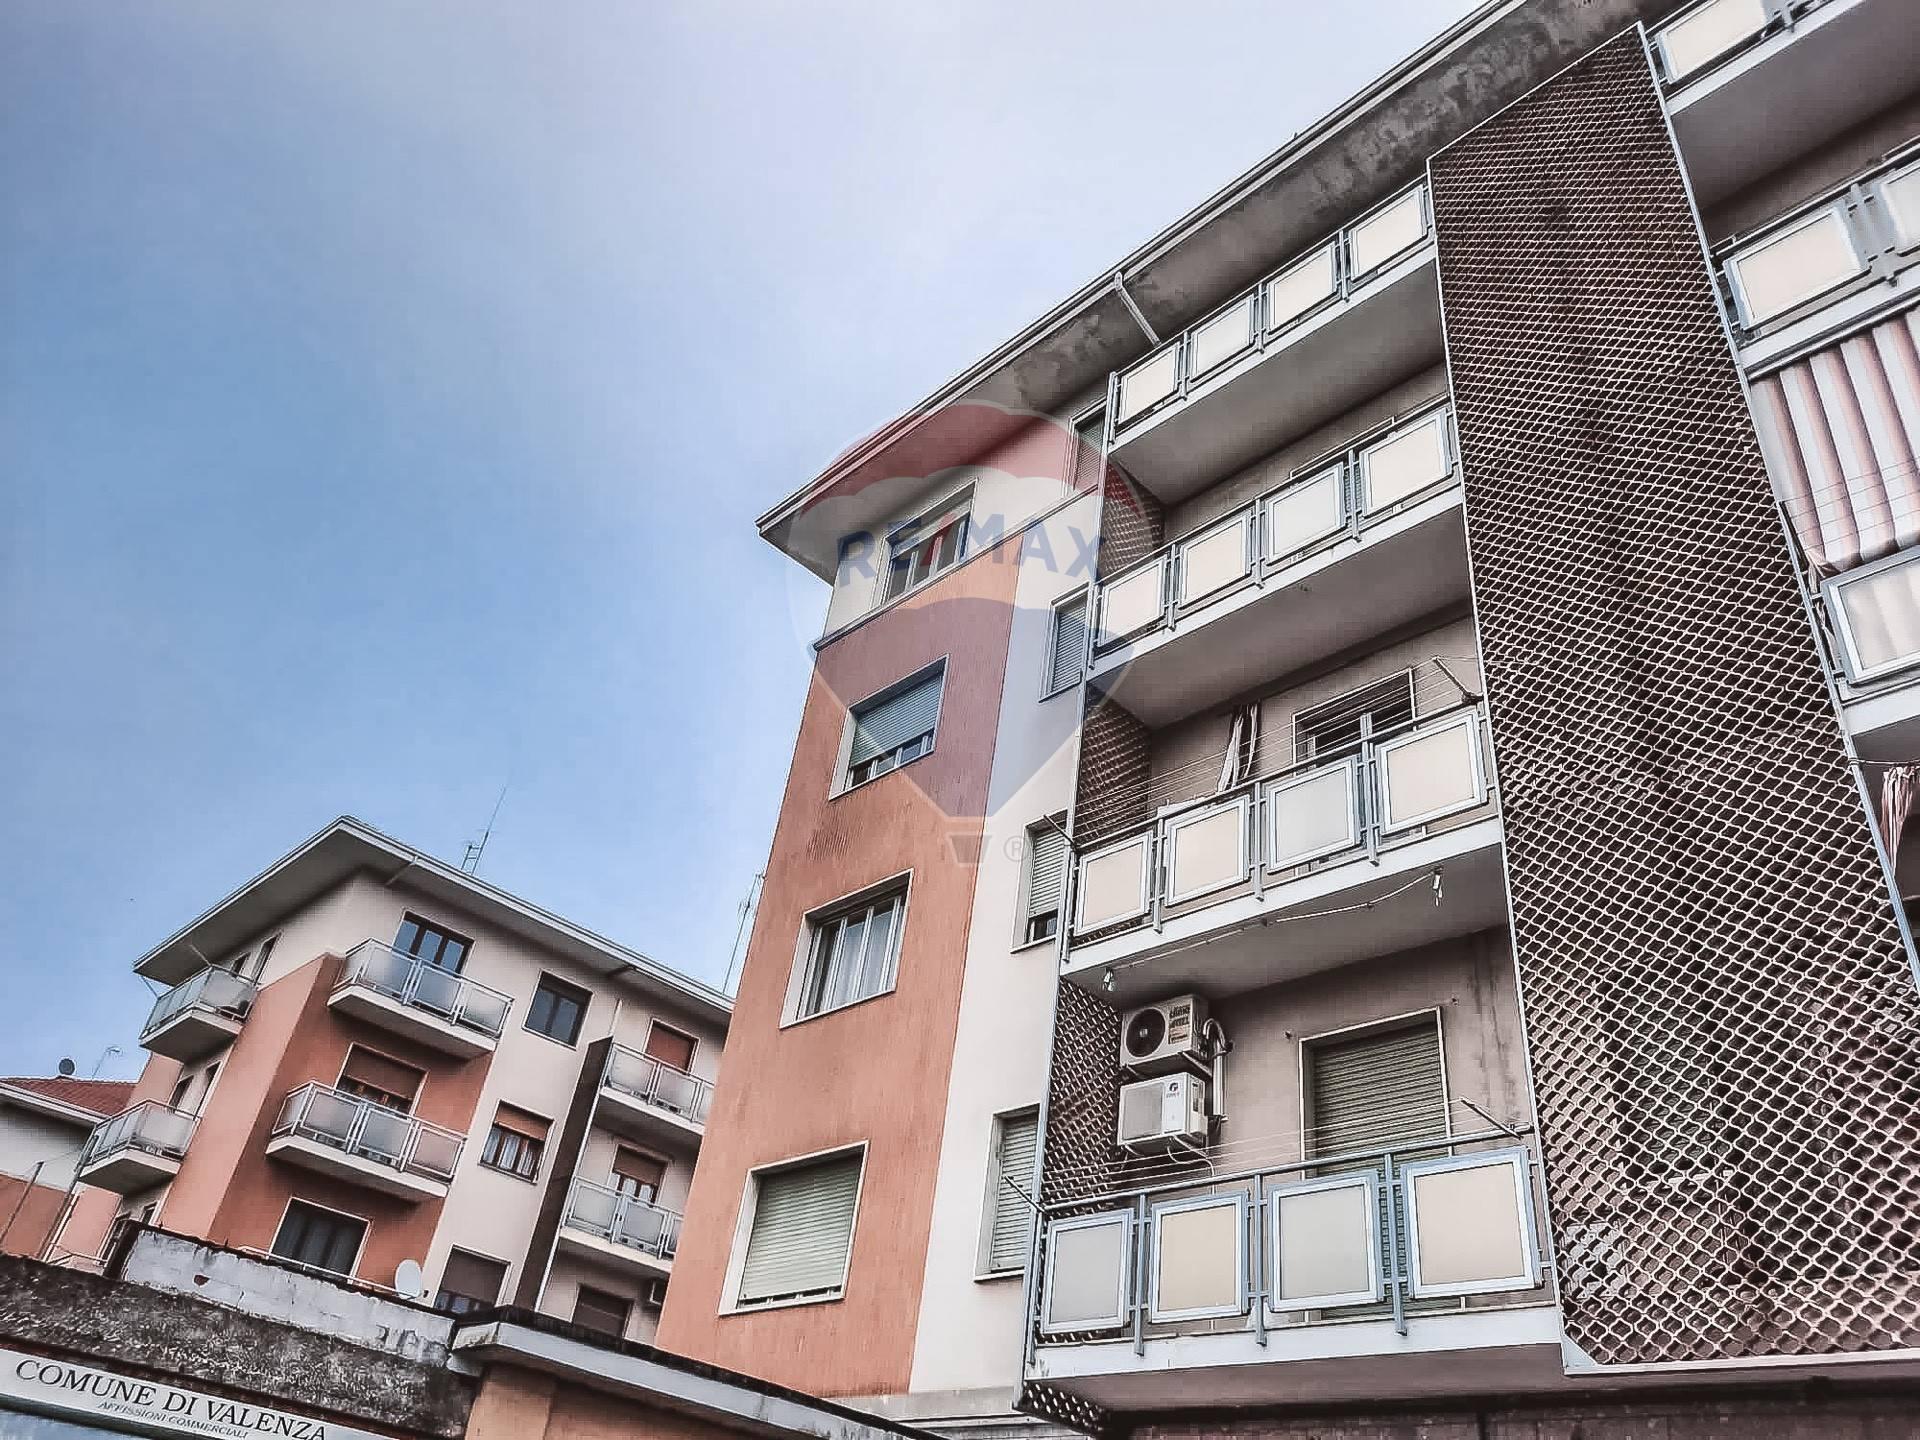 Appartamento in vendita a Valenza, 5 locali, prezzo € 29.000 | CambioCasa.it